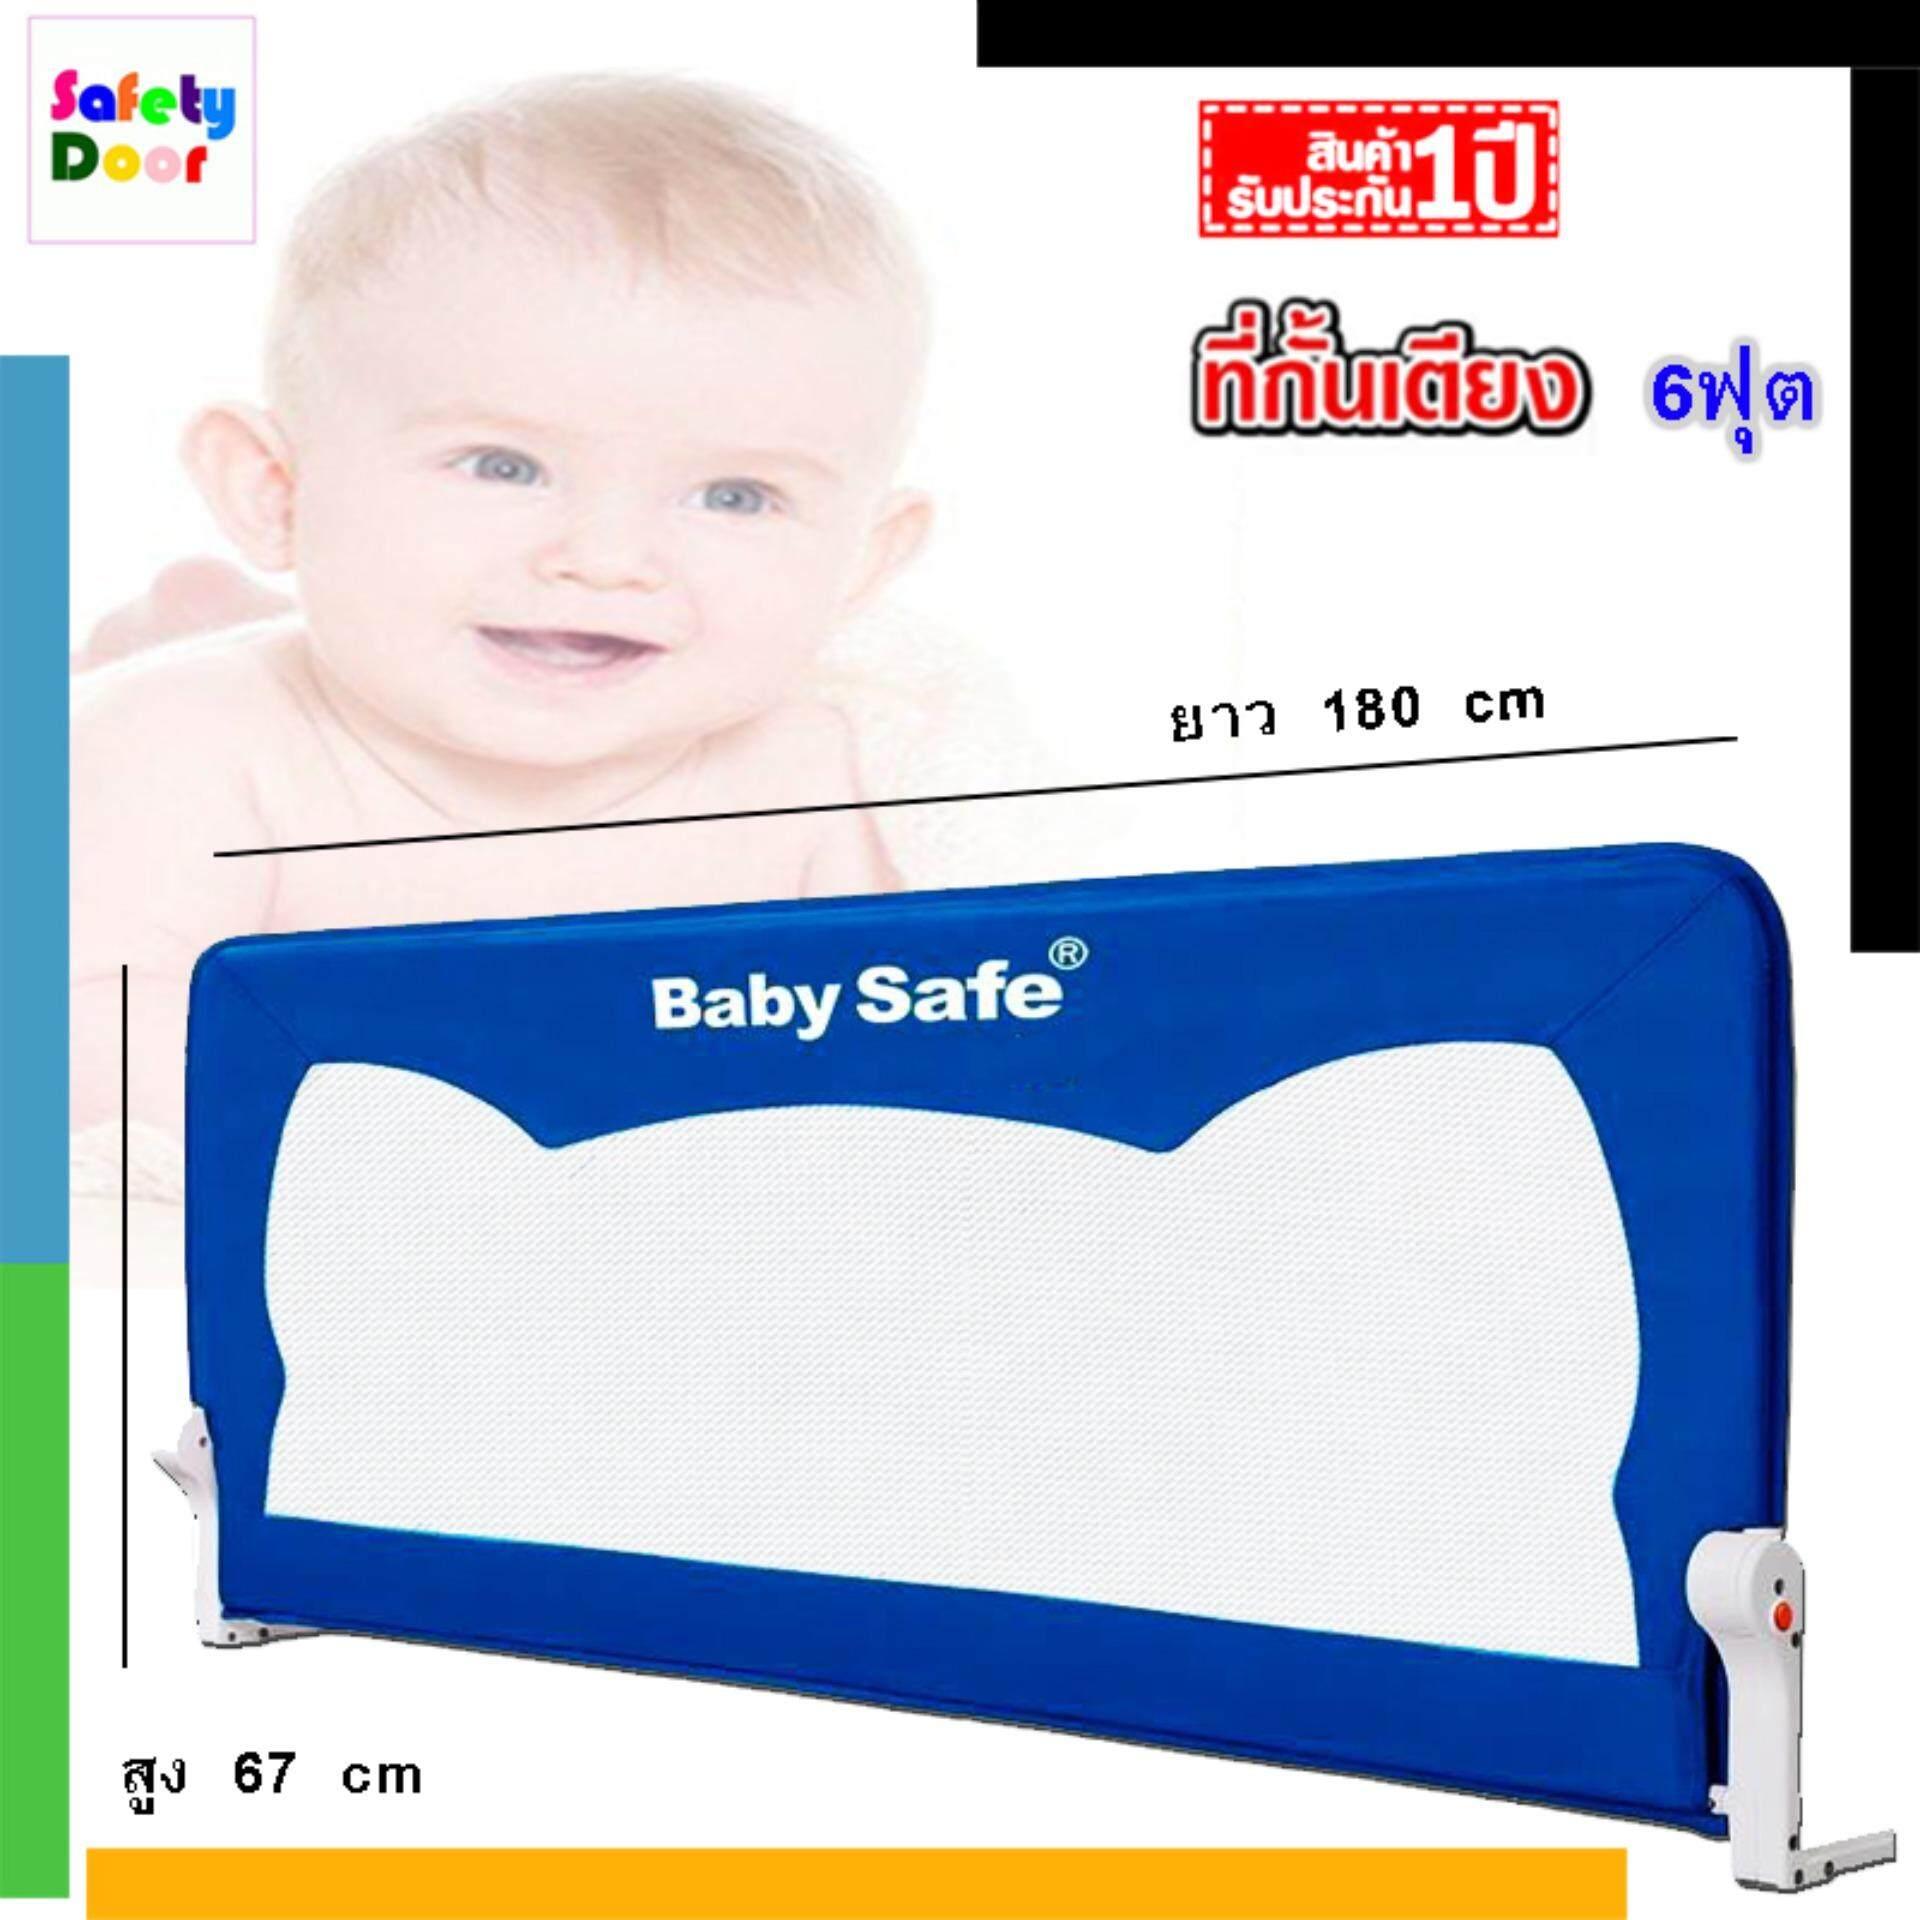 โปรโมชั่น Safety Door ที่กั้นเตียงกันเด็กตก ขนาด 6 ฟุต 1.8ม (สีฟ้า)